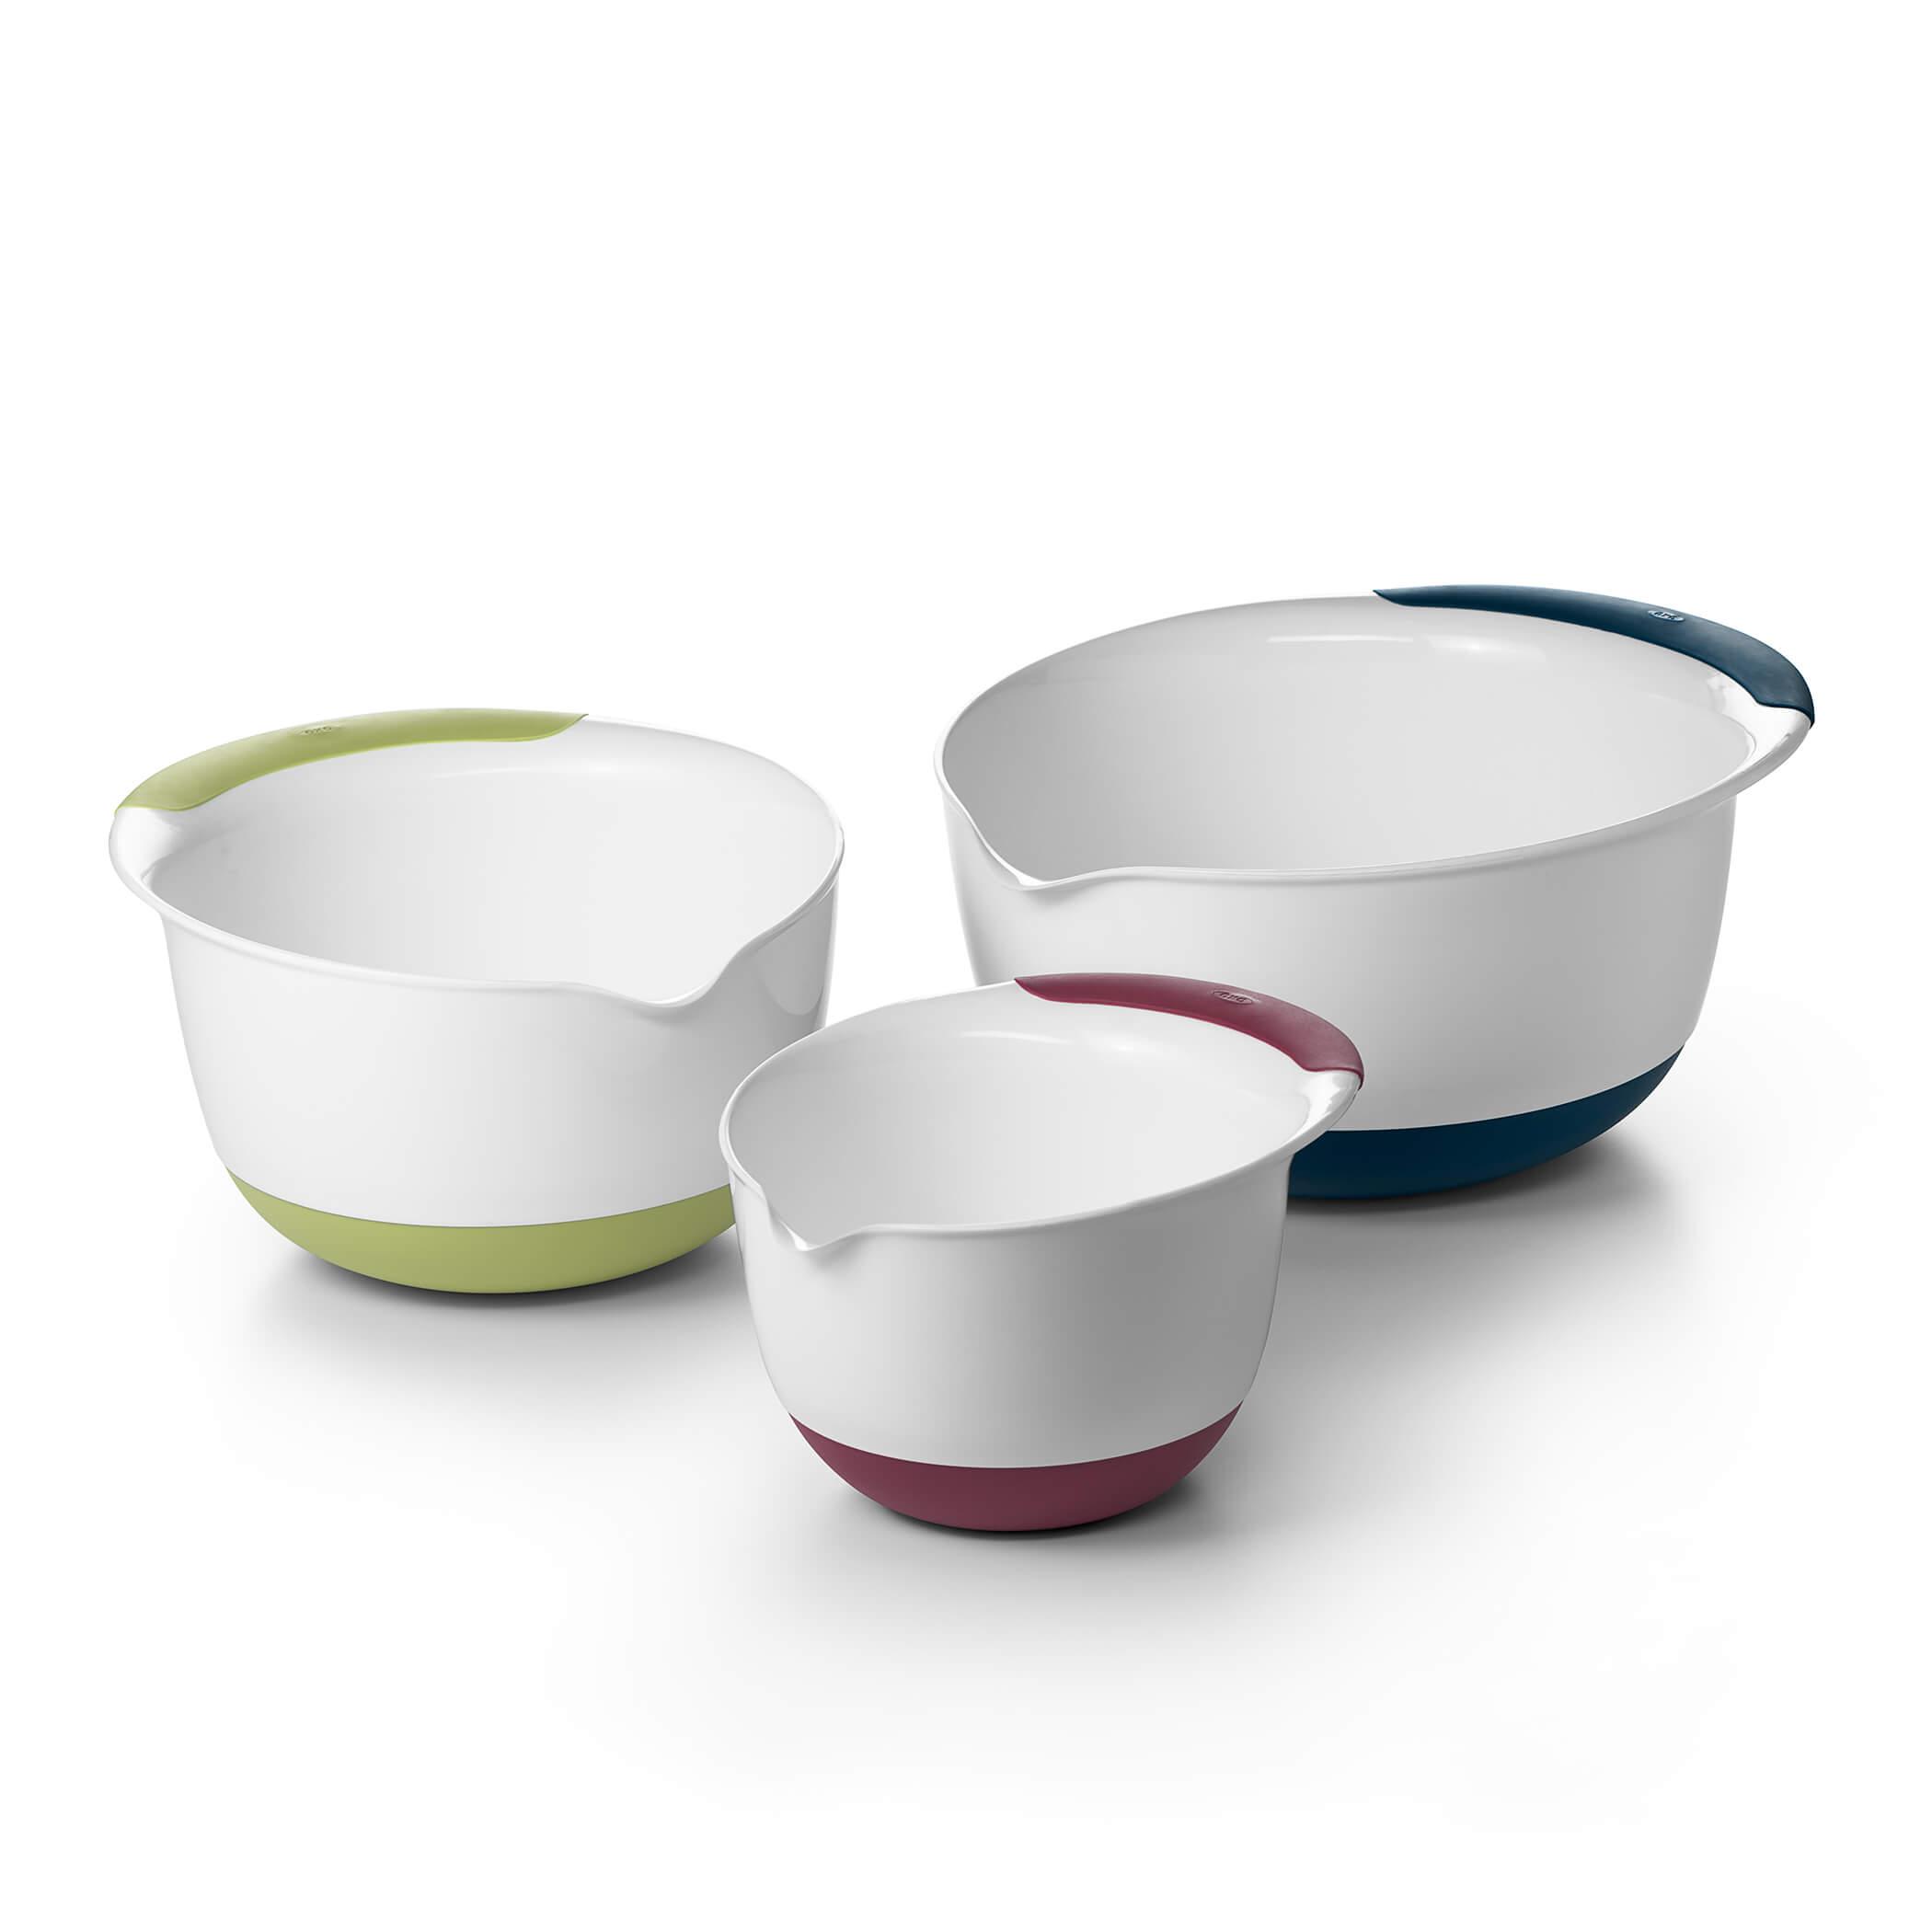 3-Piece Mixing Bowl Set